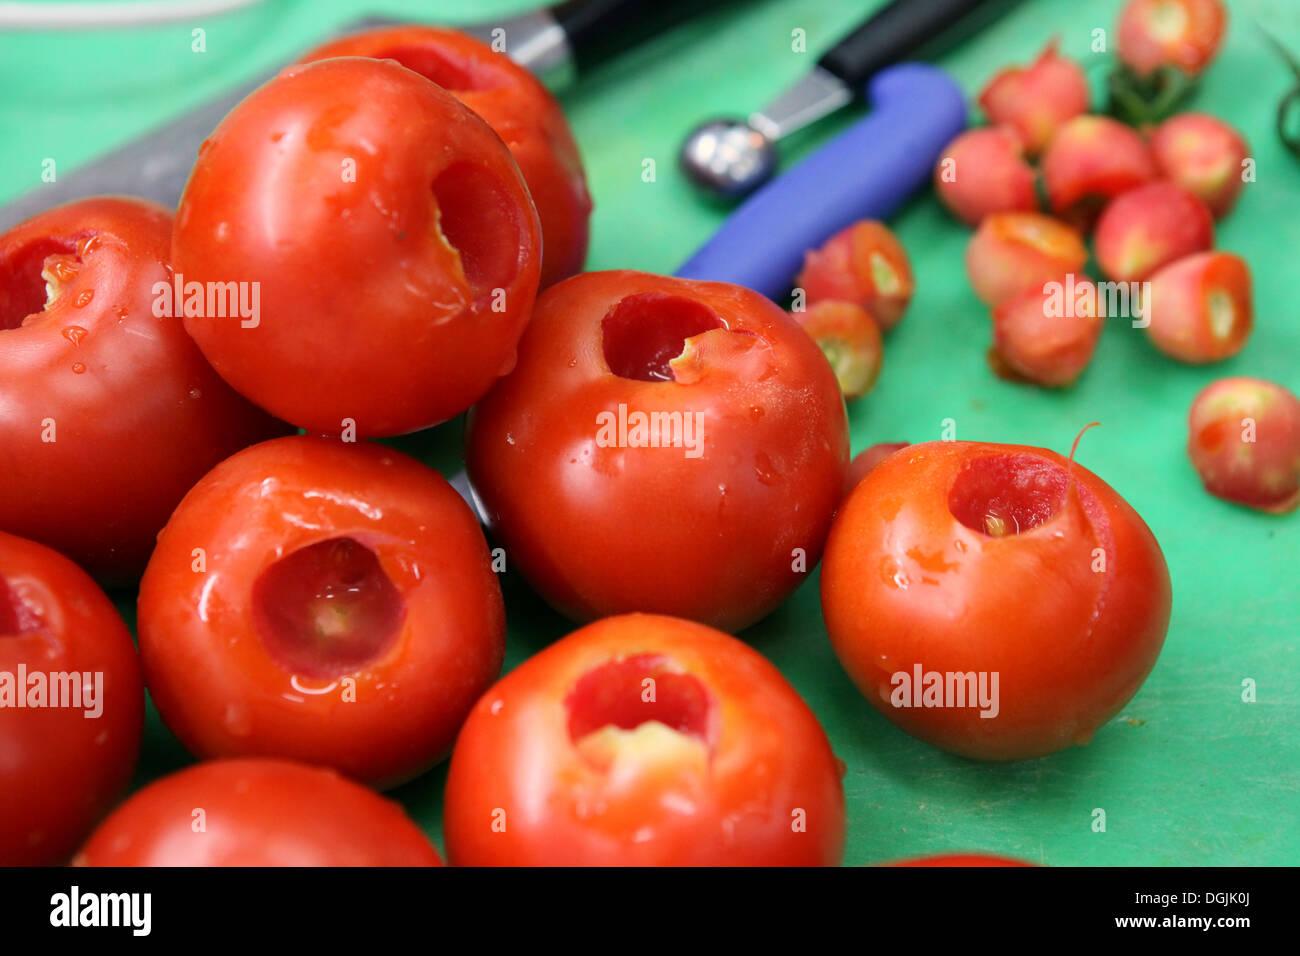 Gefüllte Tomaten - bereit hohlen Tomaten für die Füllung Stockbild